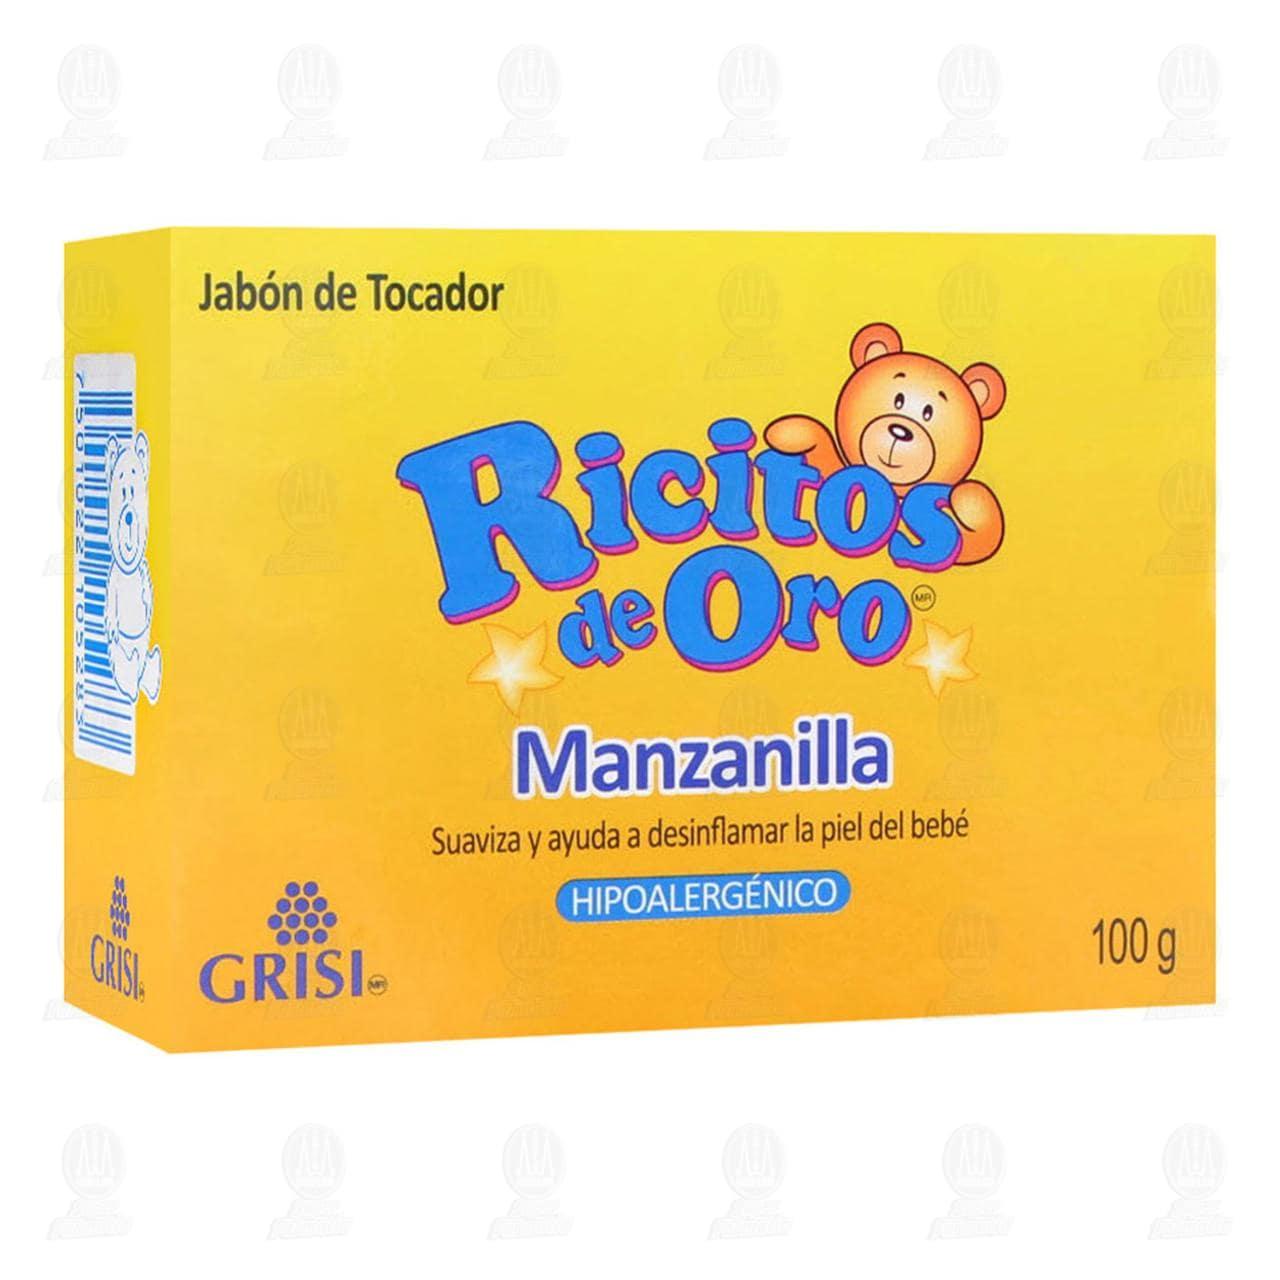 comprar https://www.movil.farmaciasguadalajara.com/wcsstore/FGCAS/wcs/products/415995_A_1280_AL.jpg en farmacias guadalajara